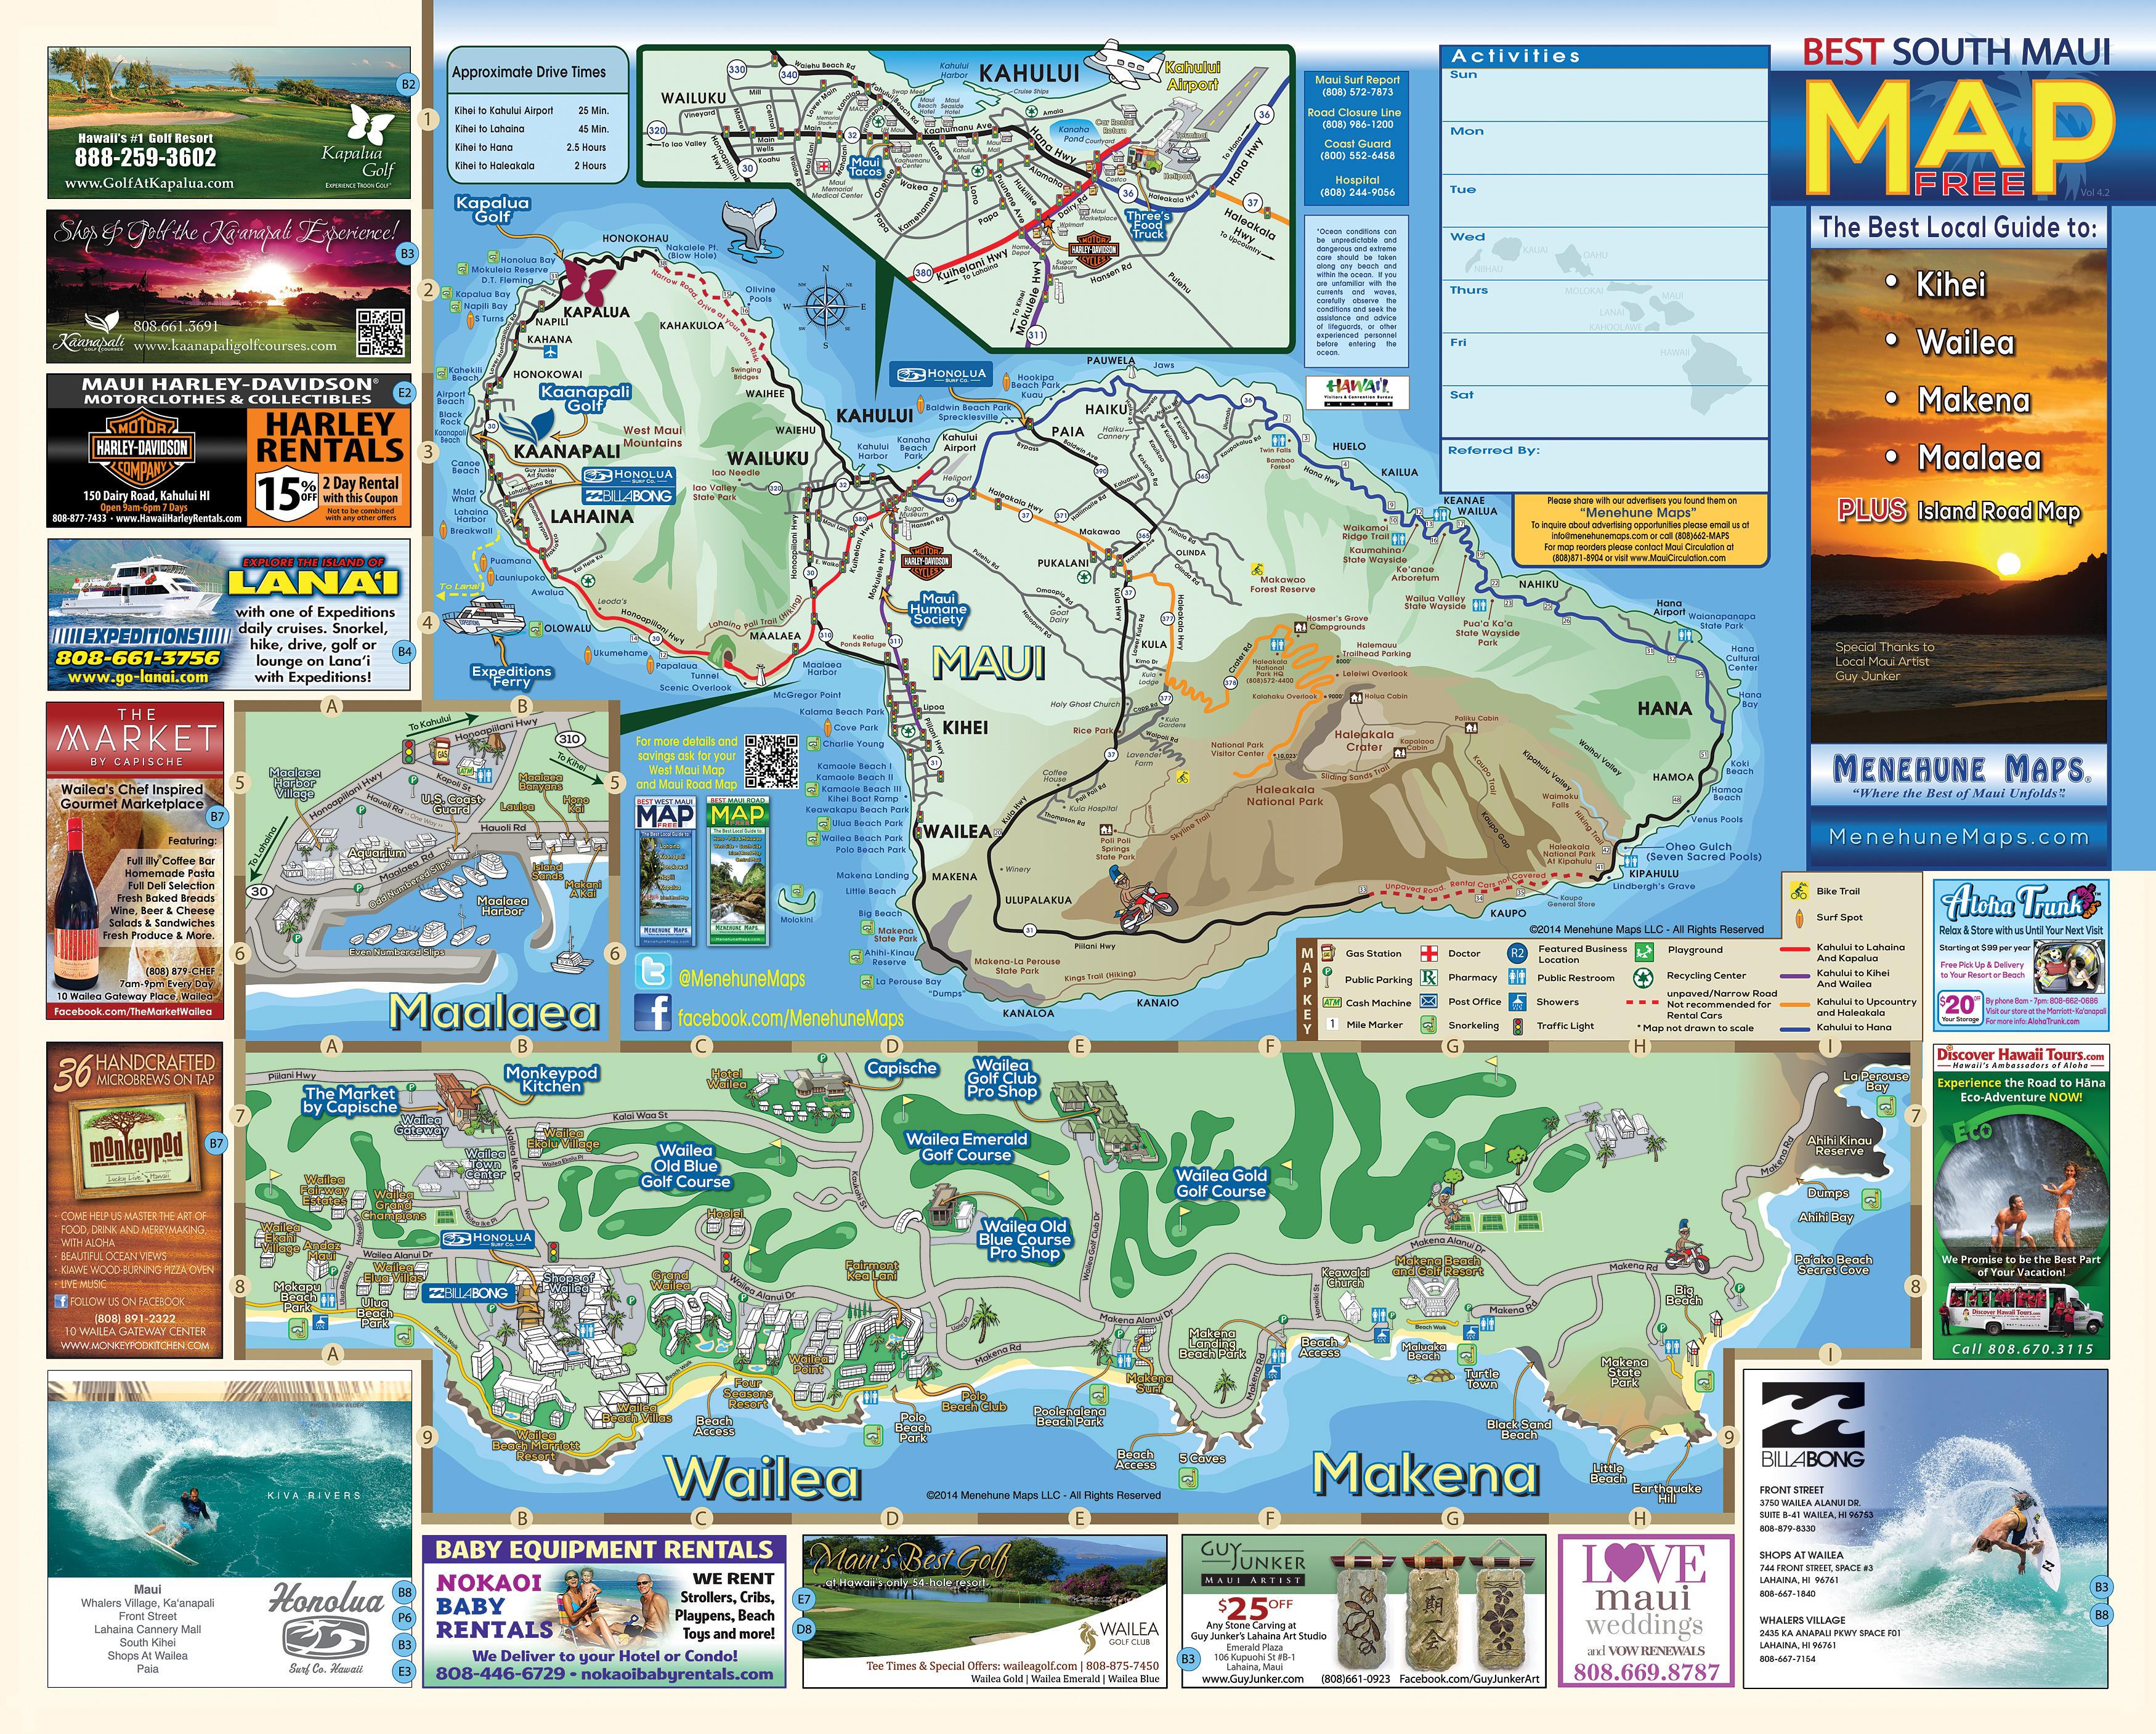 Piiholo Zipline Makawao Maui Menehune Maps – Maui Tourist Map